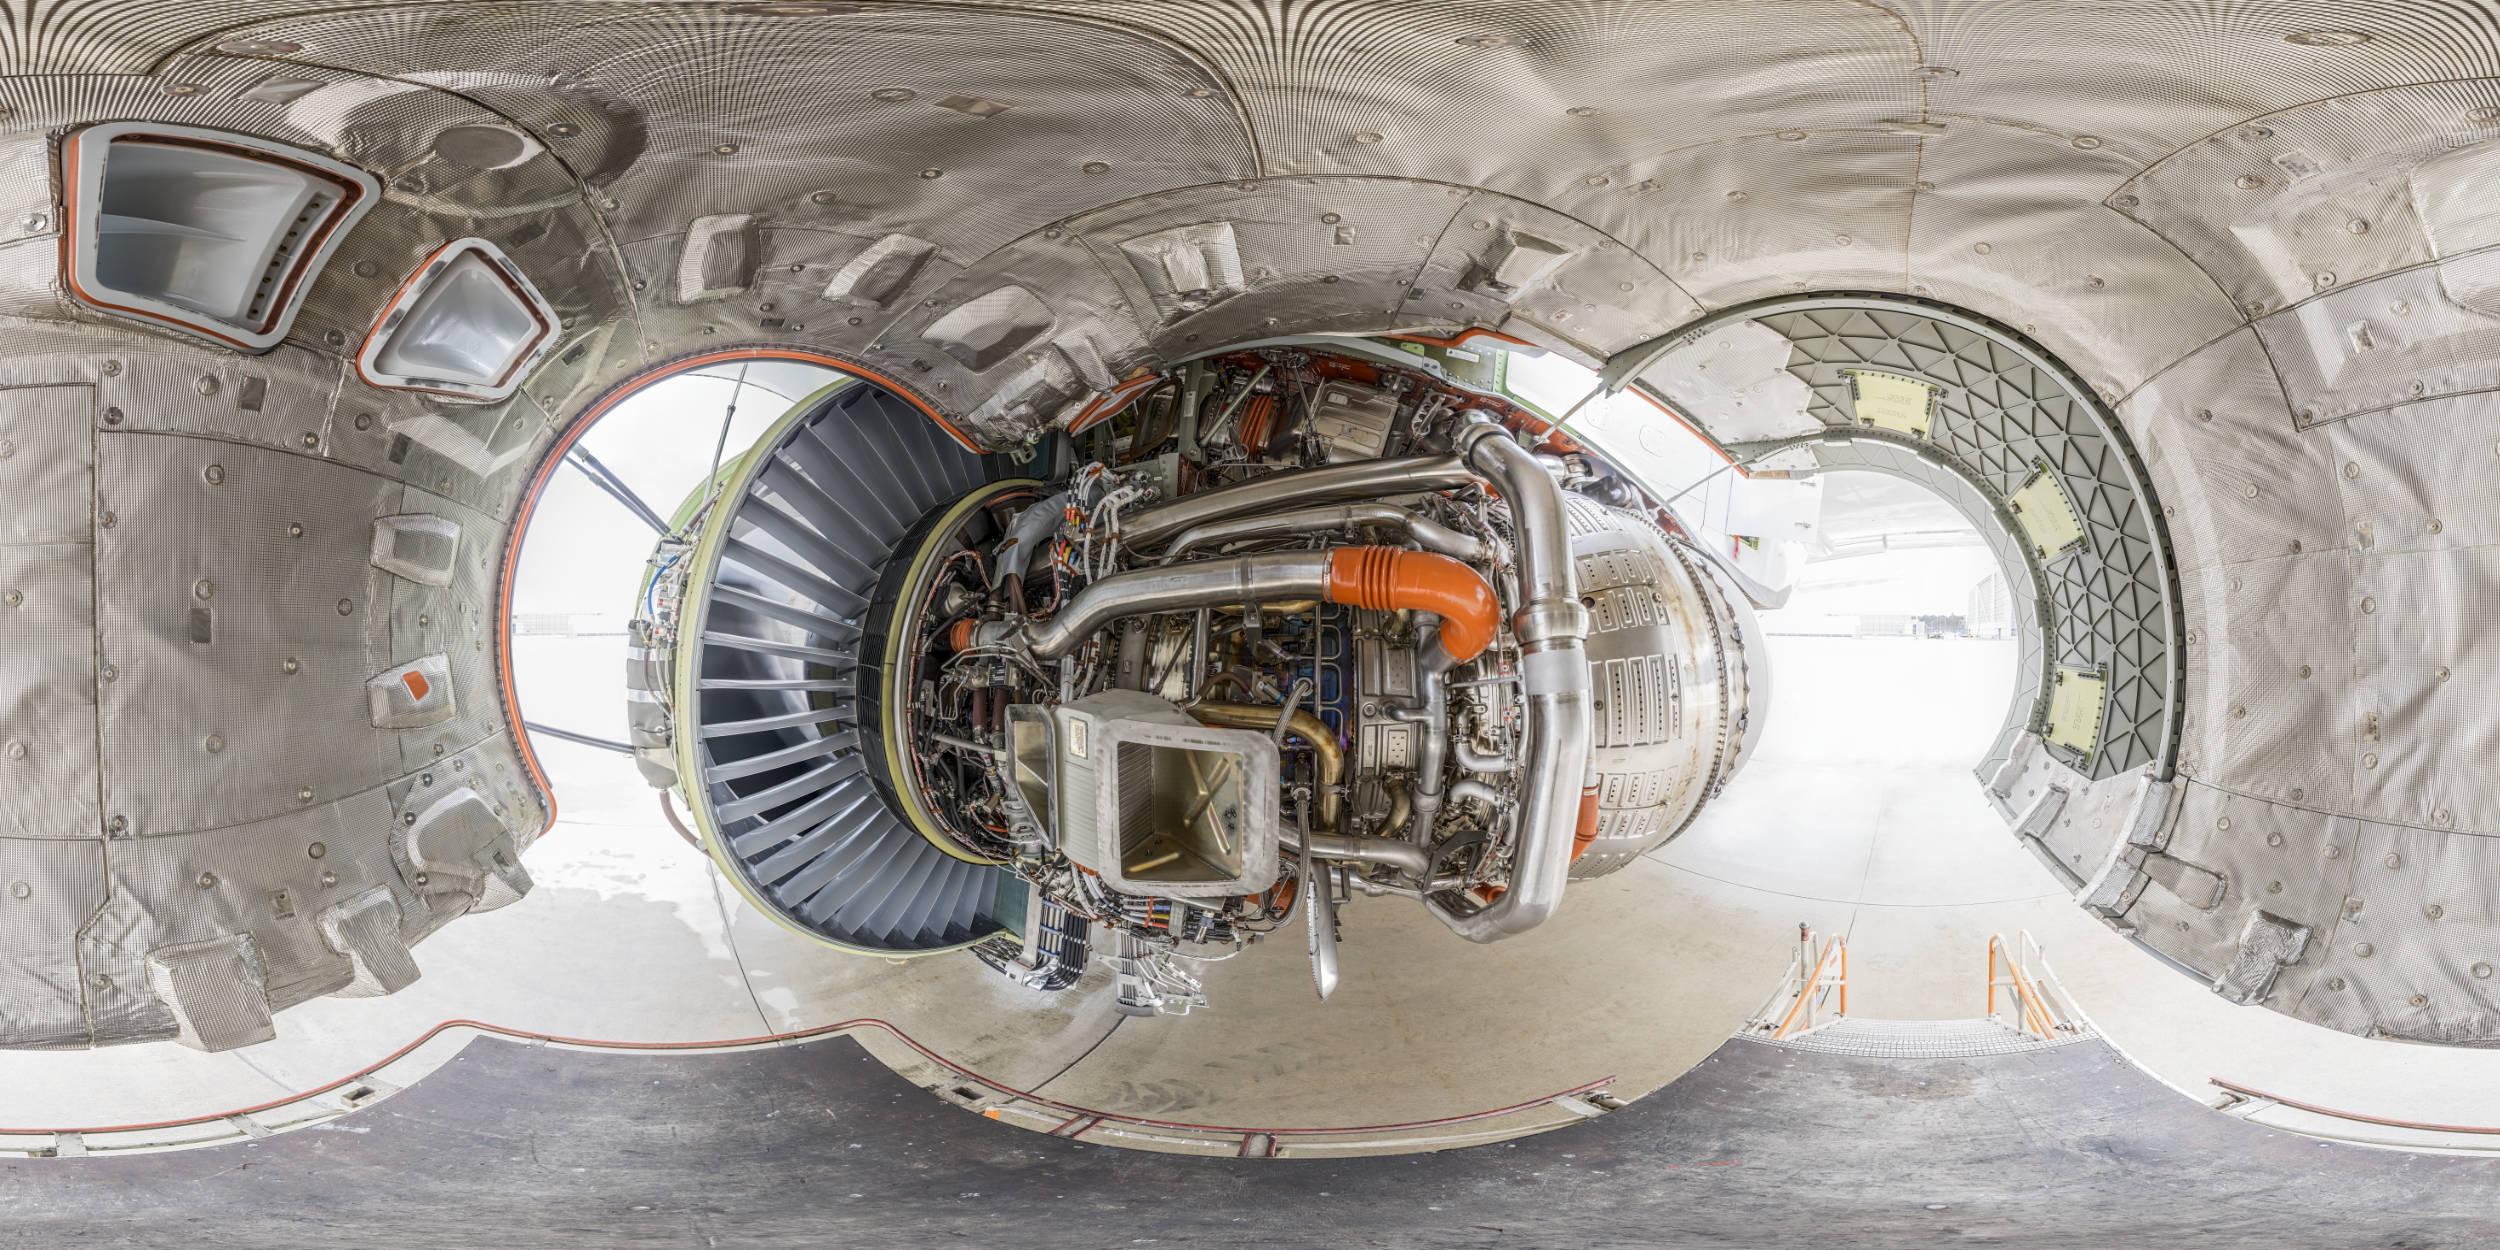 Panoramafotografie Virtuelle Touren 360Grad Fotografie Stuttgart und Umgebung Panorama 360°x180° Sphäre Flughafen Frankfurt Lufthansa Technik Boing 777 geöffnetes Triebwerk